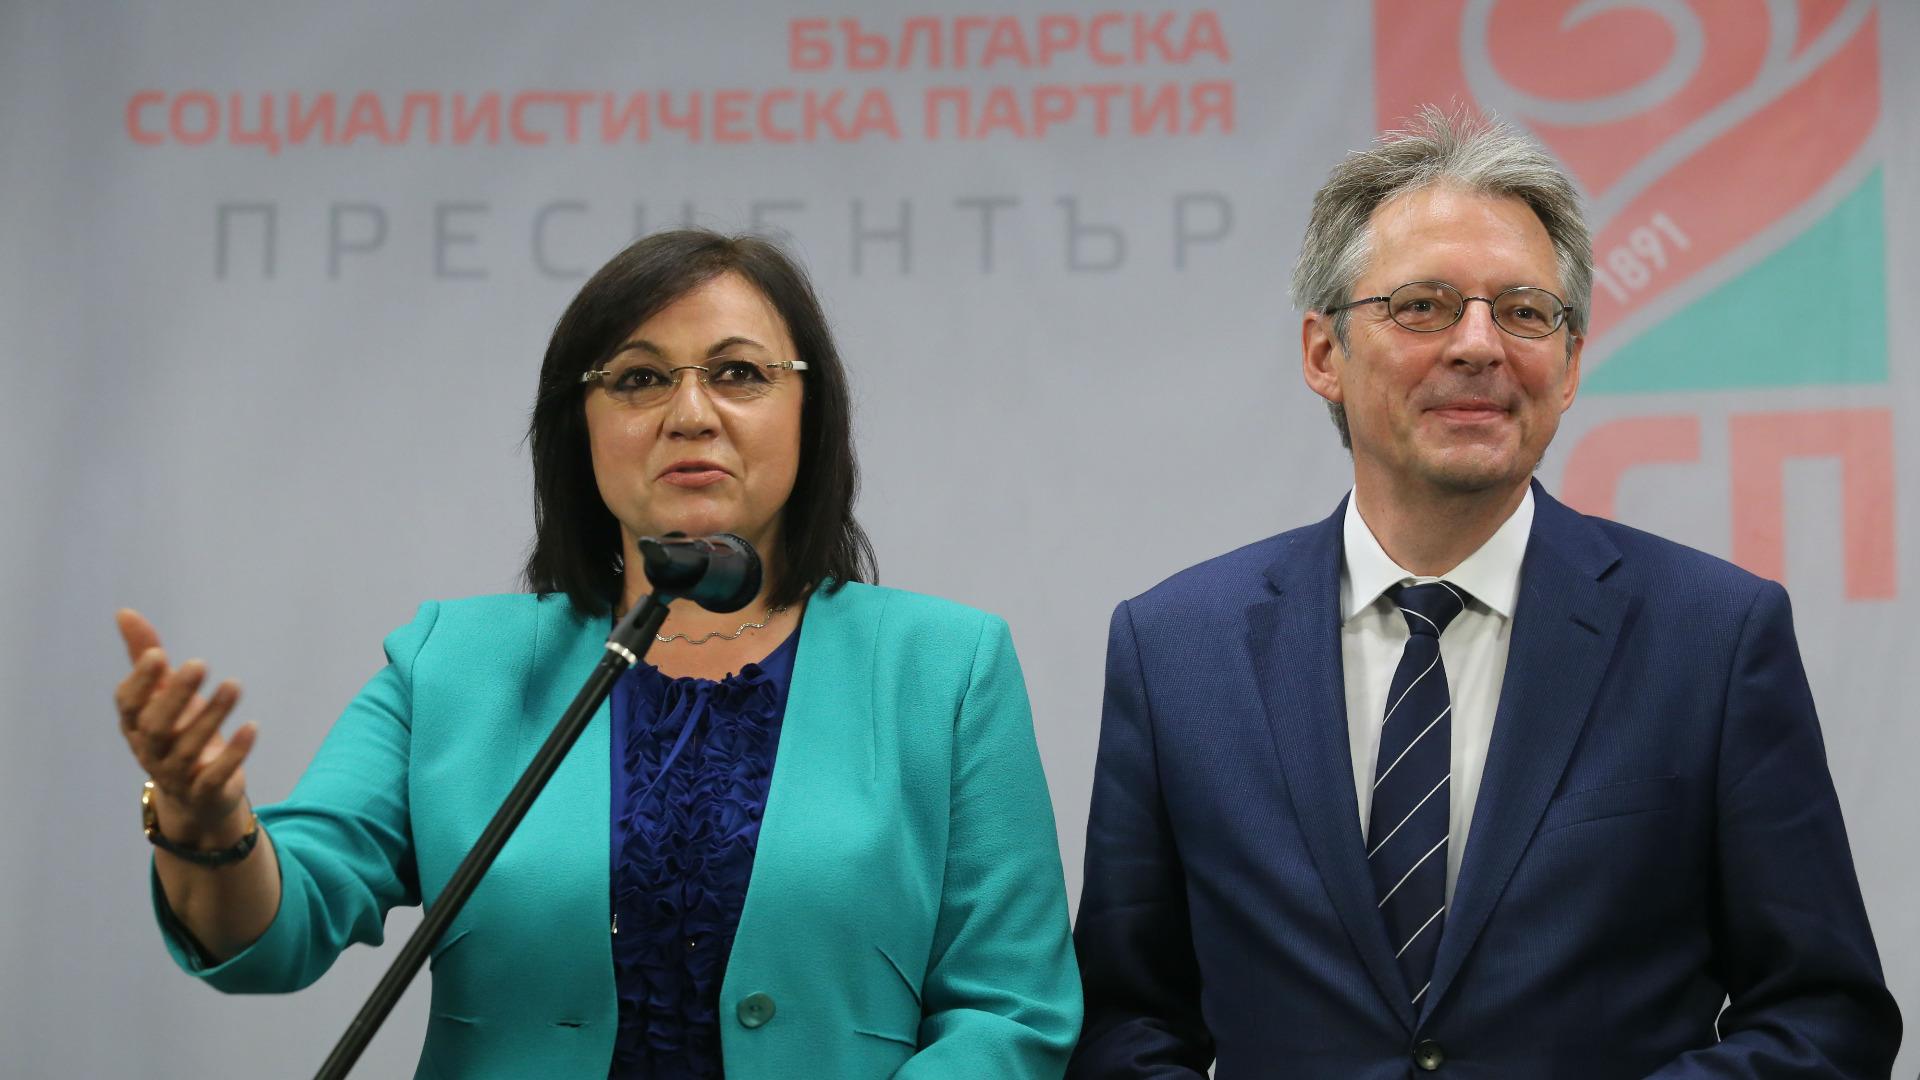 Корнелия Нинова и Генералният секретар на ПЕС Ахим Пост направиха съвместно изявление по проведените разговори за Истанбулската конвенция.